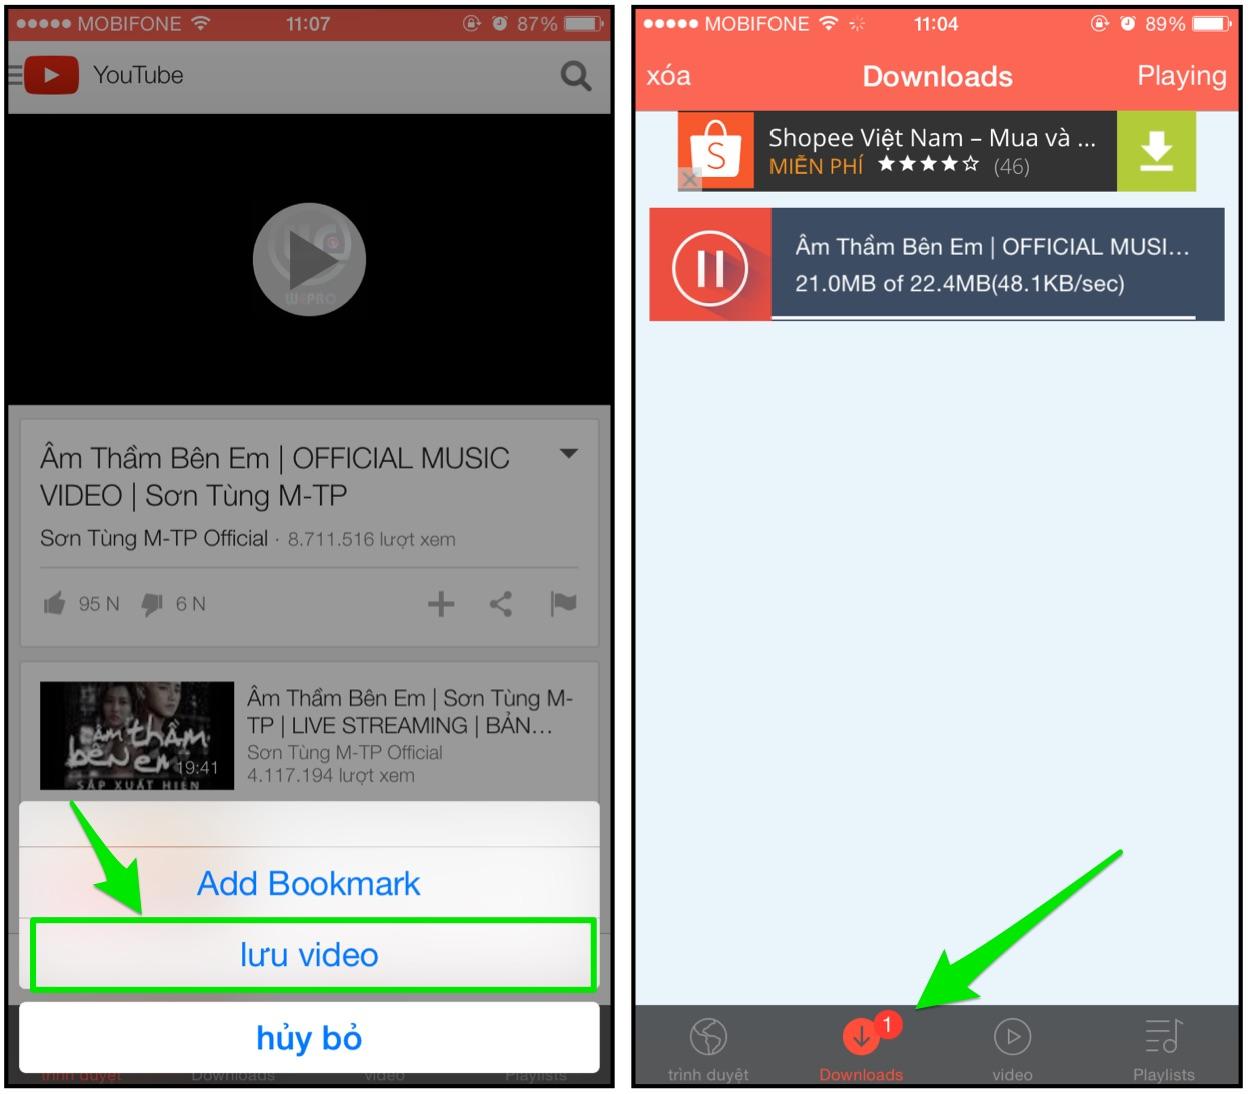 Mẹo tải video trực tiếp từ YouTube trên iPhone: Bước 3